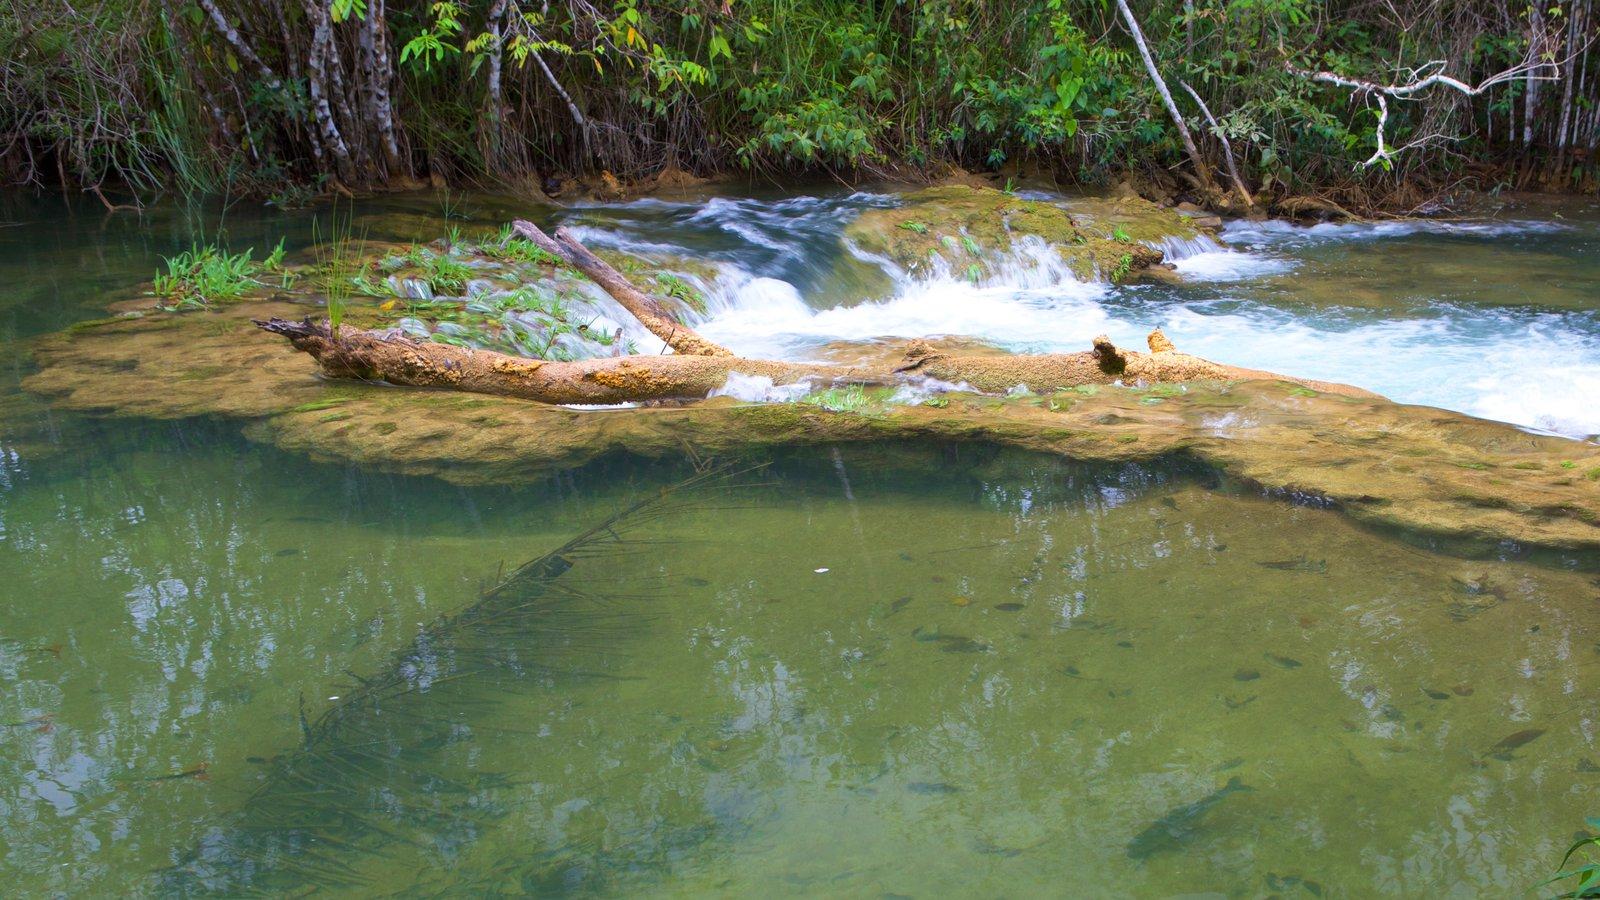 Parque Ecológico Rio Formoso que inclui córrego, mangues e um rio ou córrego